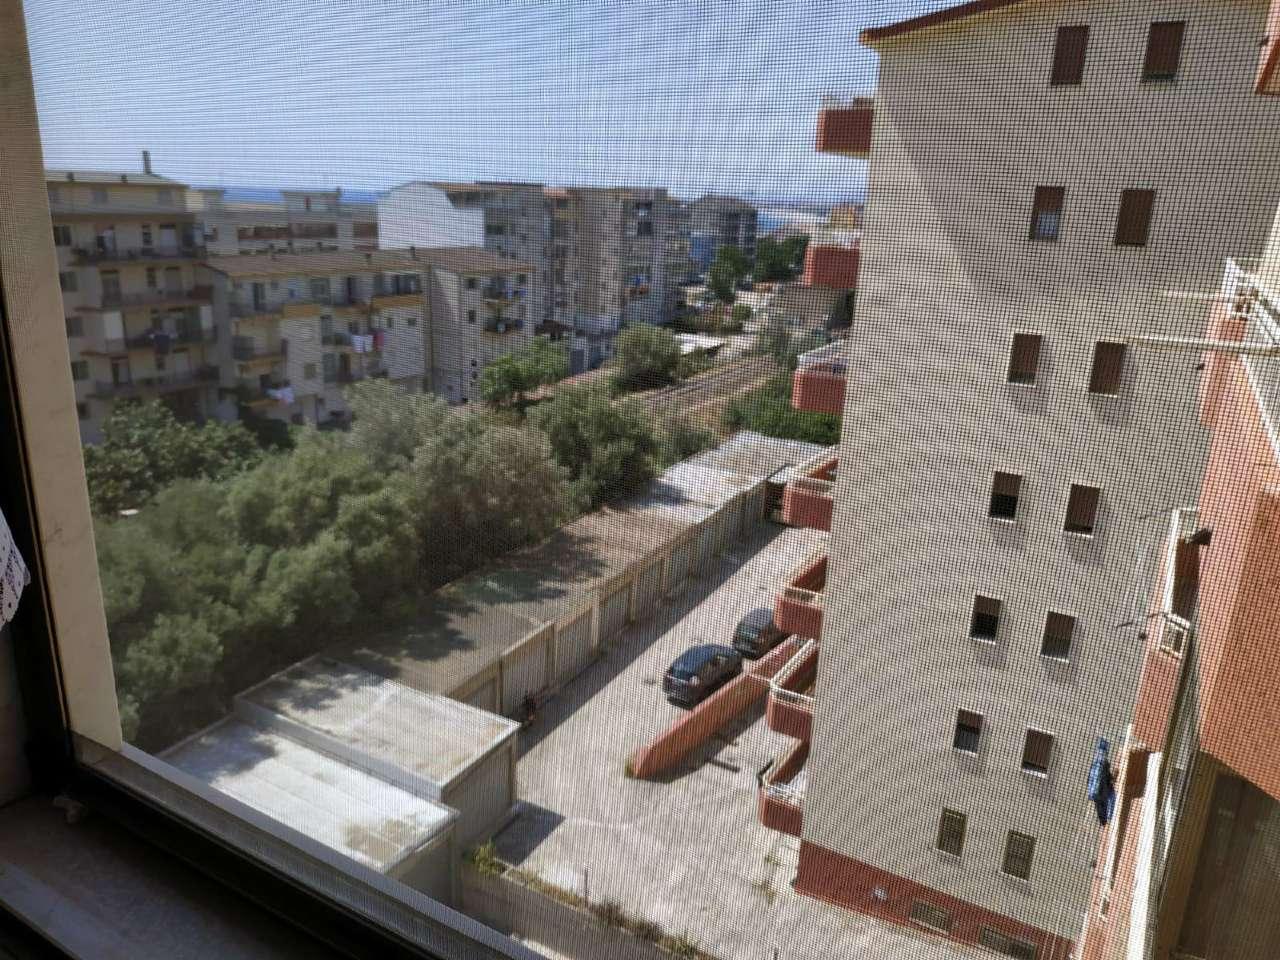 Appartamento in vendita a Marina di Gioiosa Ionica, 4 locali, prezzo € 180.000 | CambioCasa.it